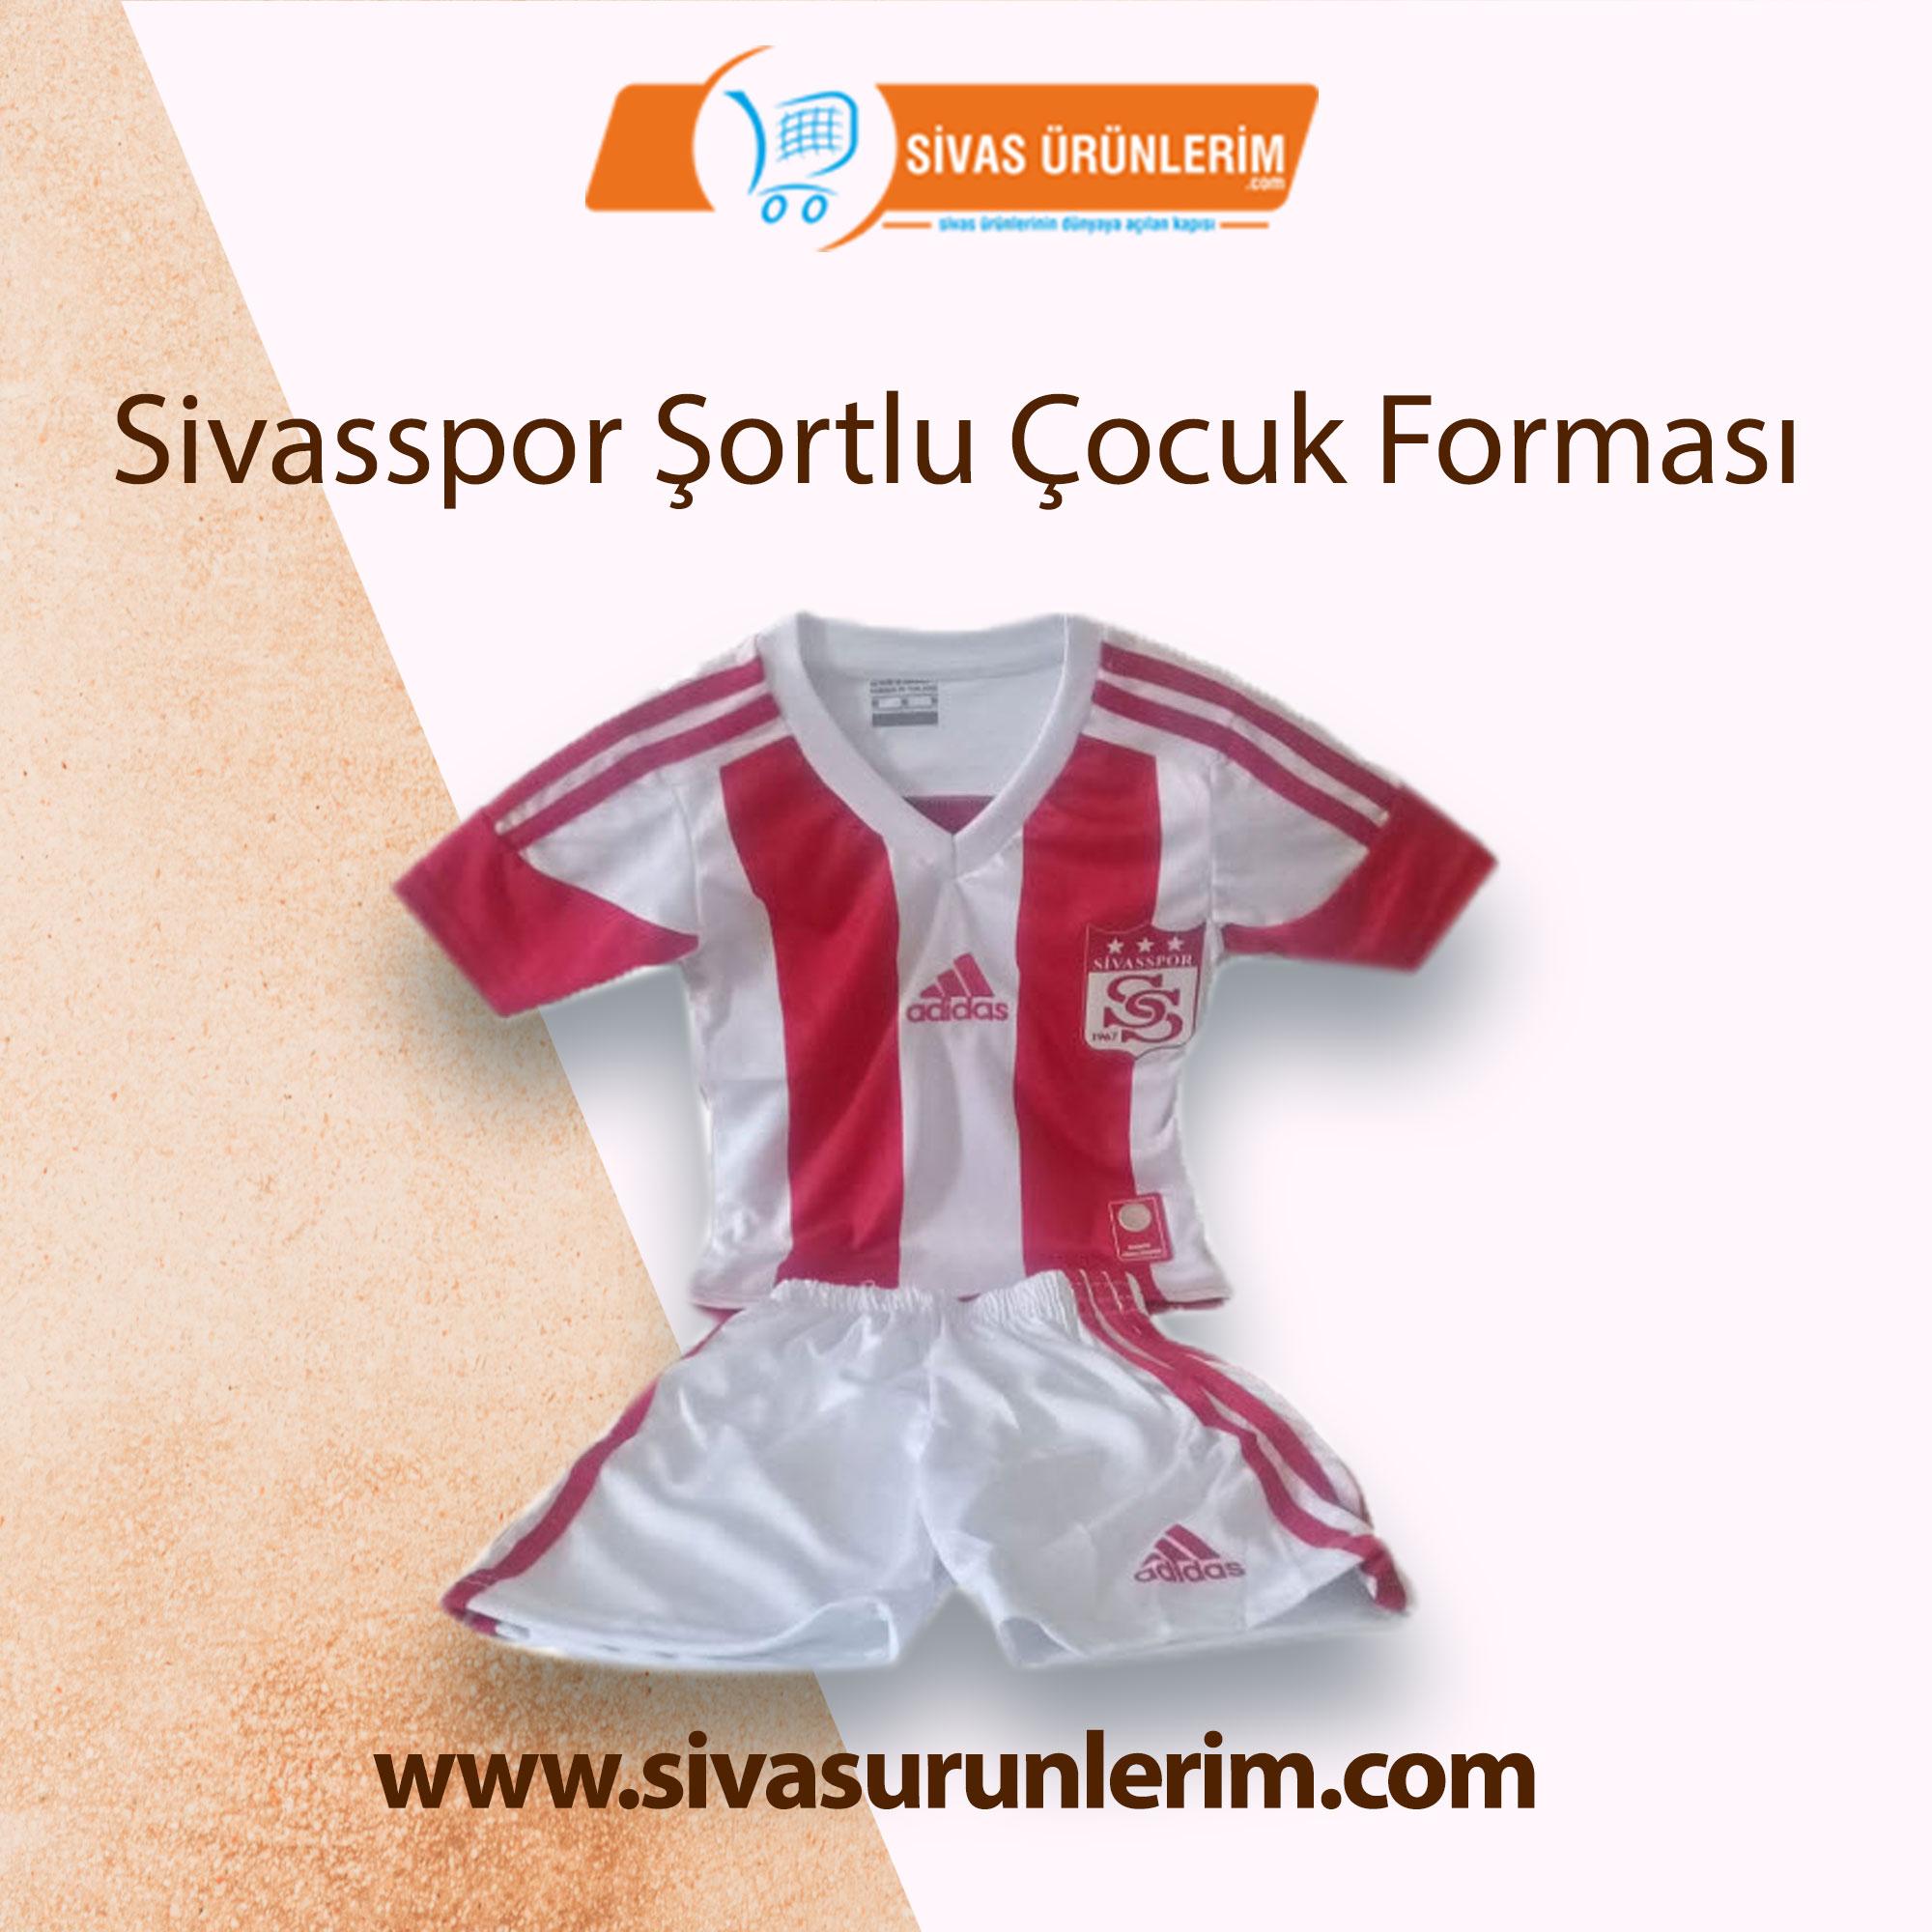 Sivasspor Şortlu Çocuk Forması